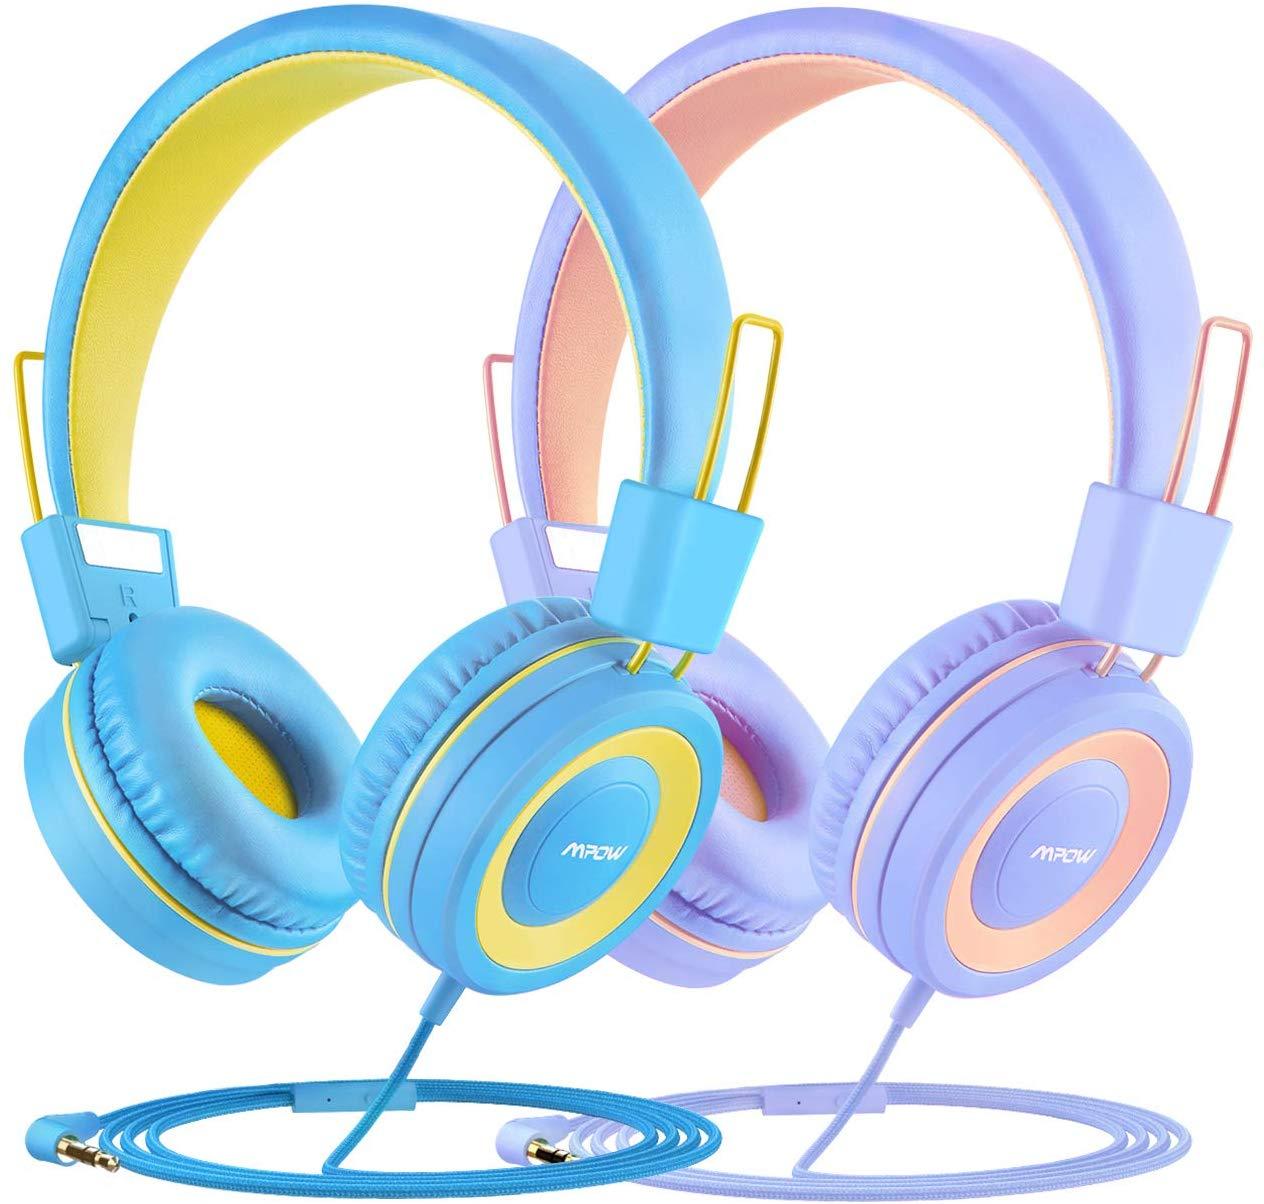 Bild zu Mpow Kinderkopfhörer (mit Lautstärkenbegrenzung) im Doppelpack für 14,99€ oder einzeln für 7,99€